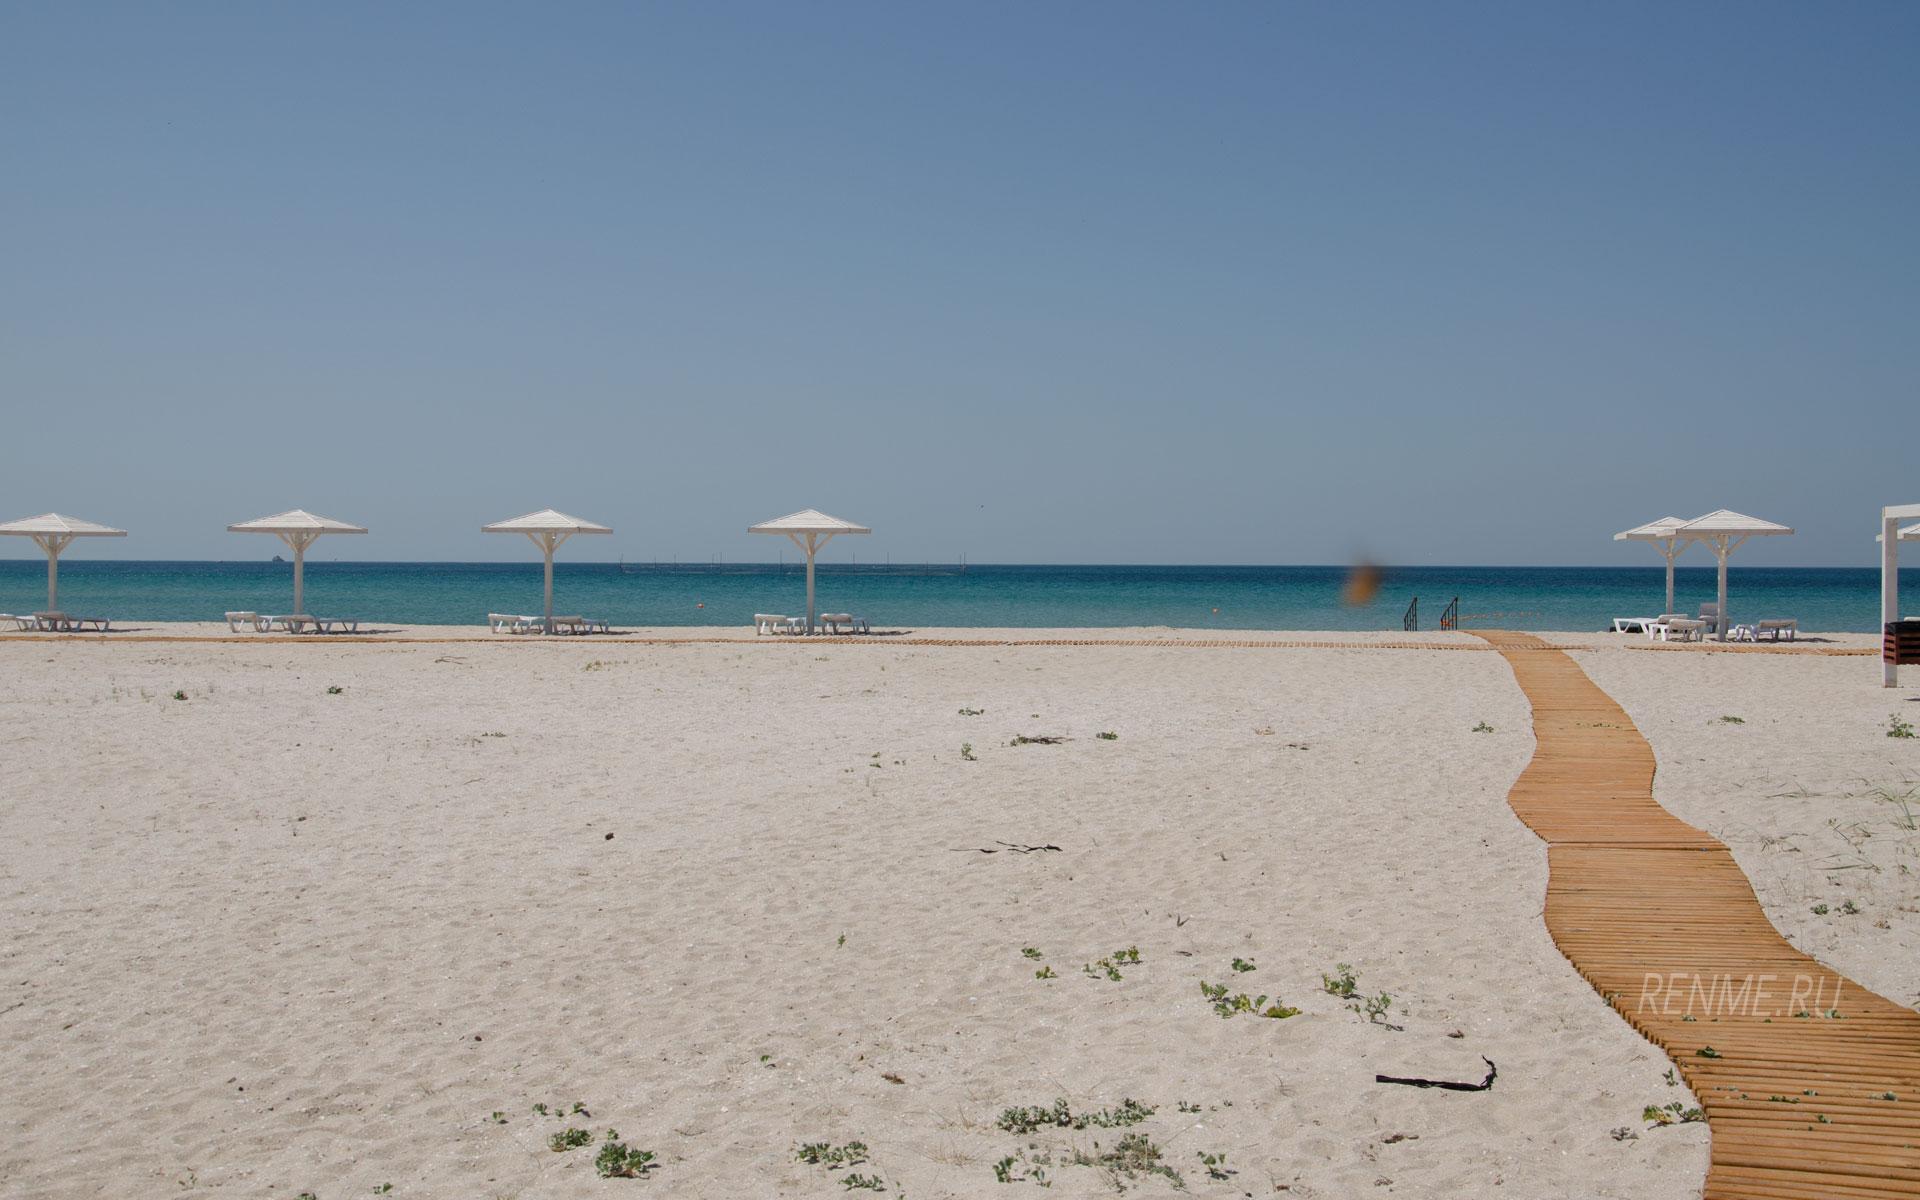 Песчаный пляж в Оленевке летом. Фото Оленевки